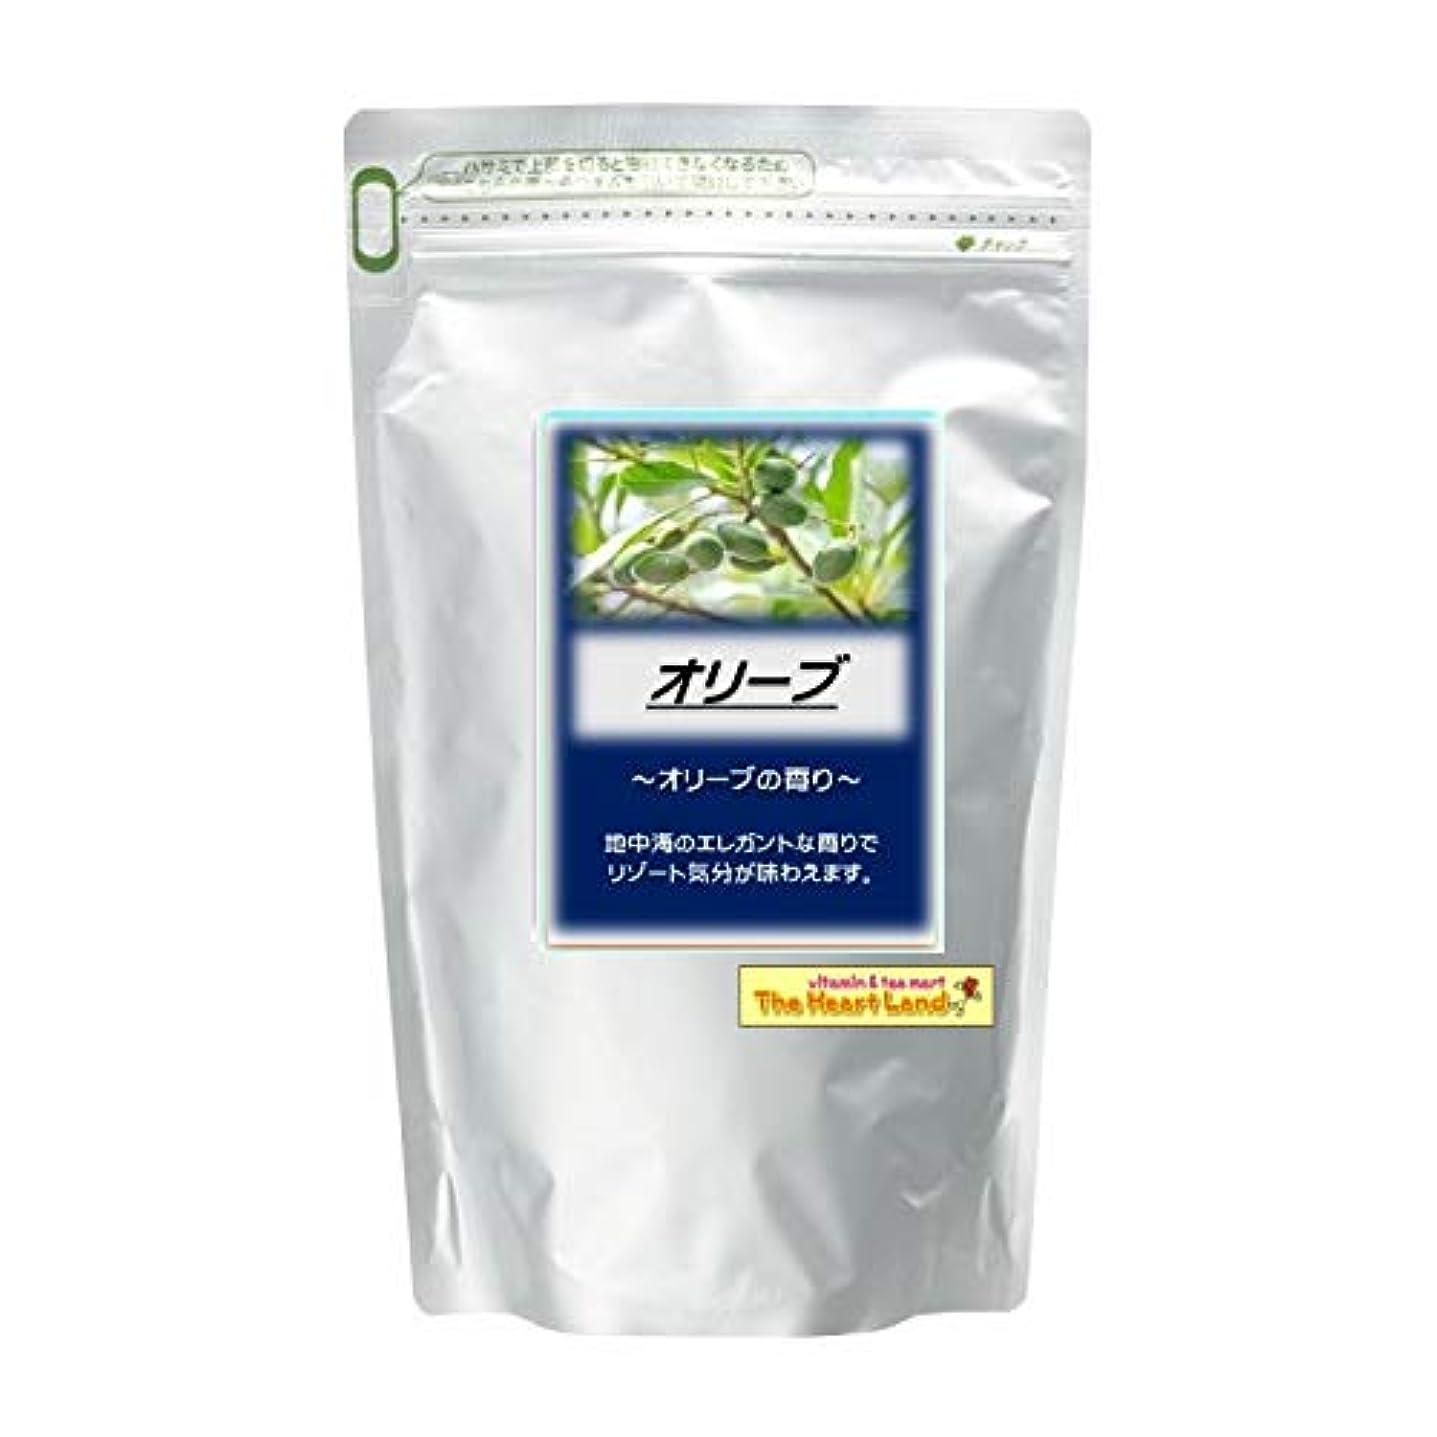 参照するかる利点アサヒ入浴剤 浴用入浴化粧品 オリーブ 2.5kg